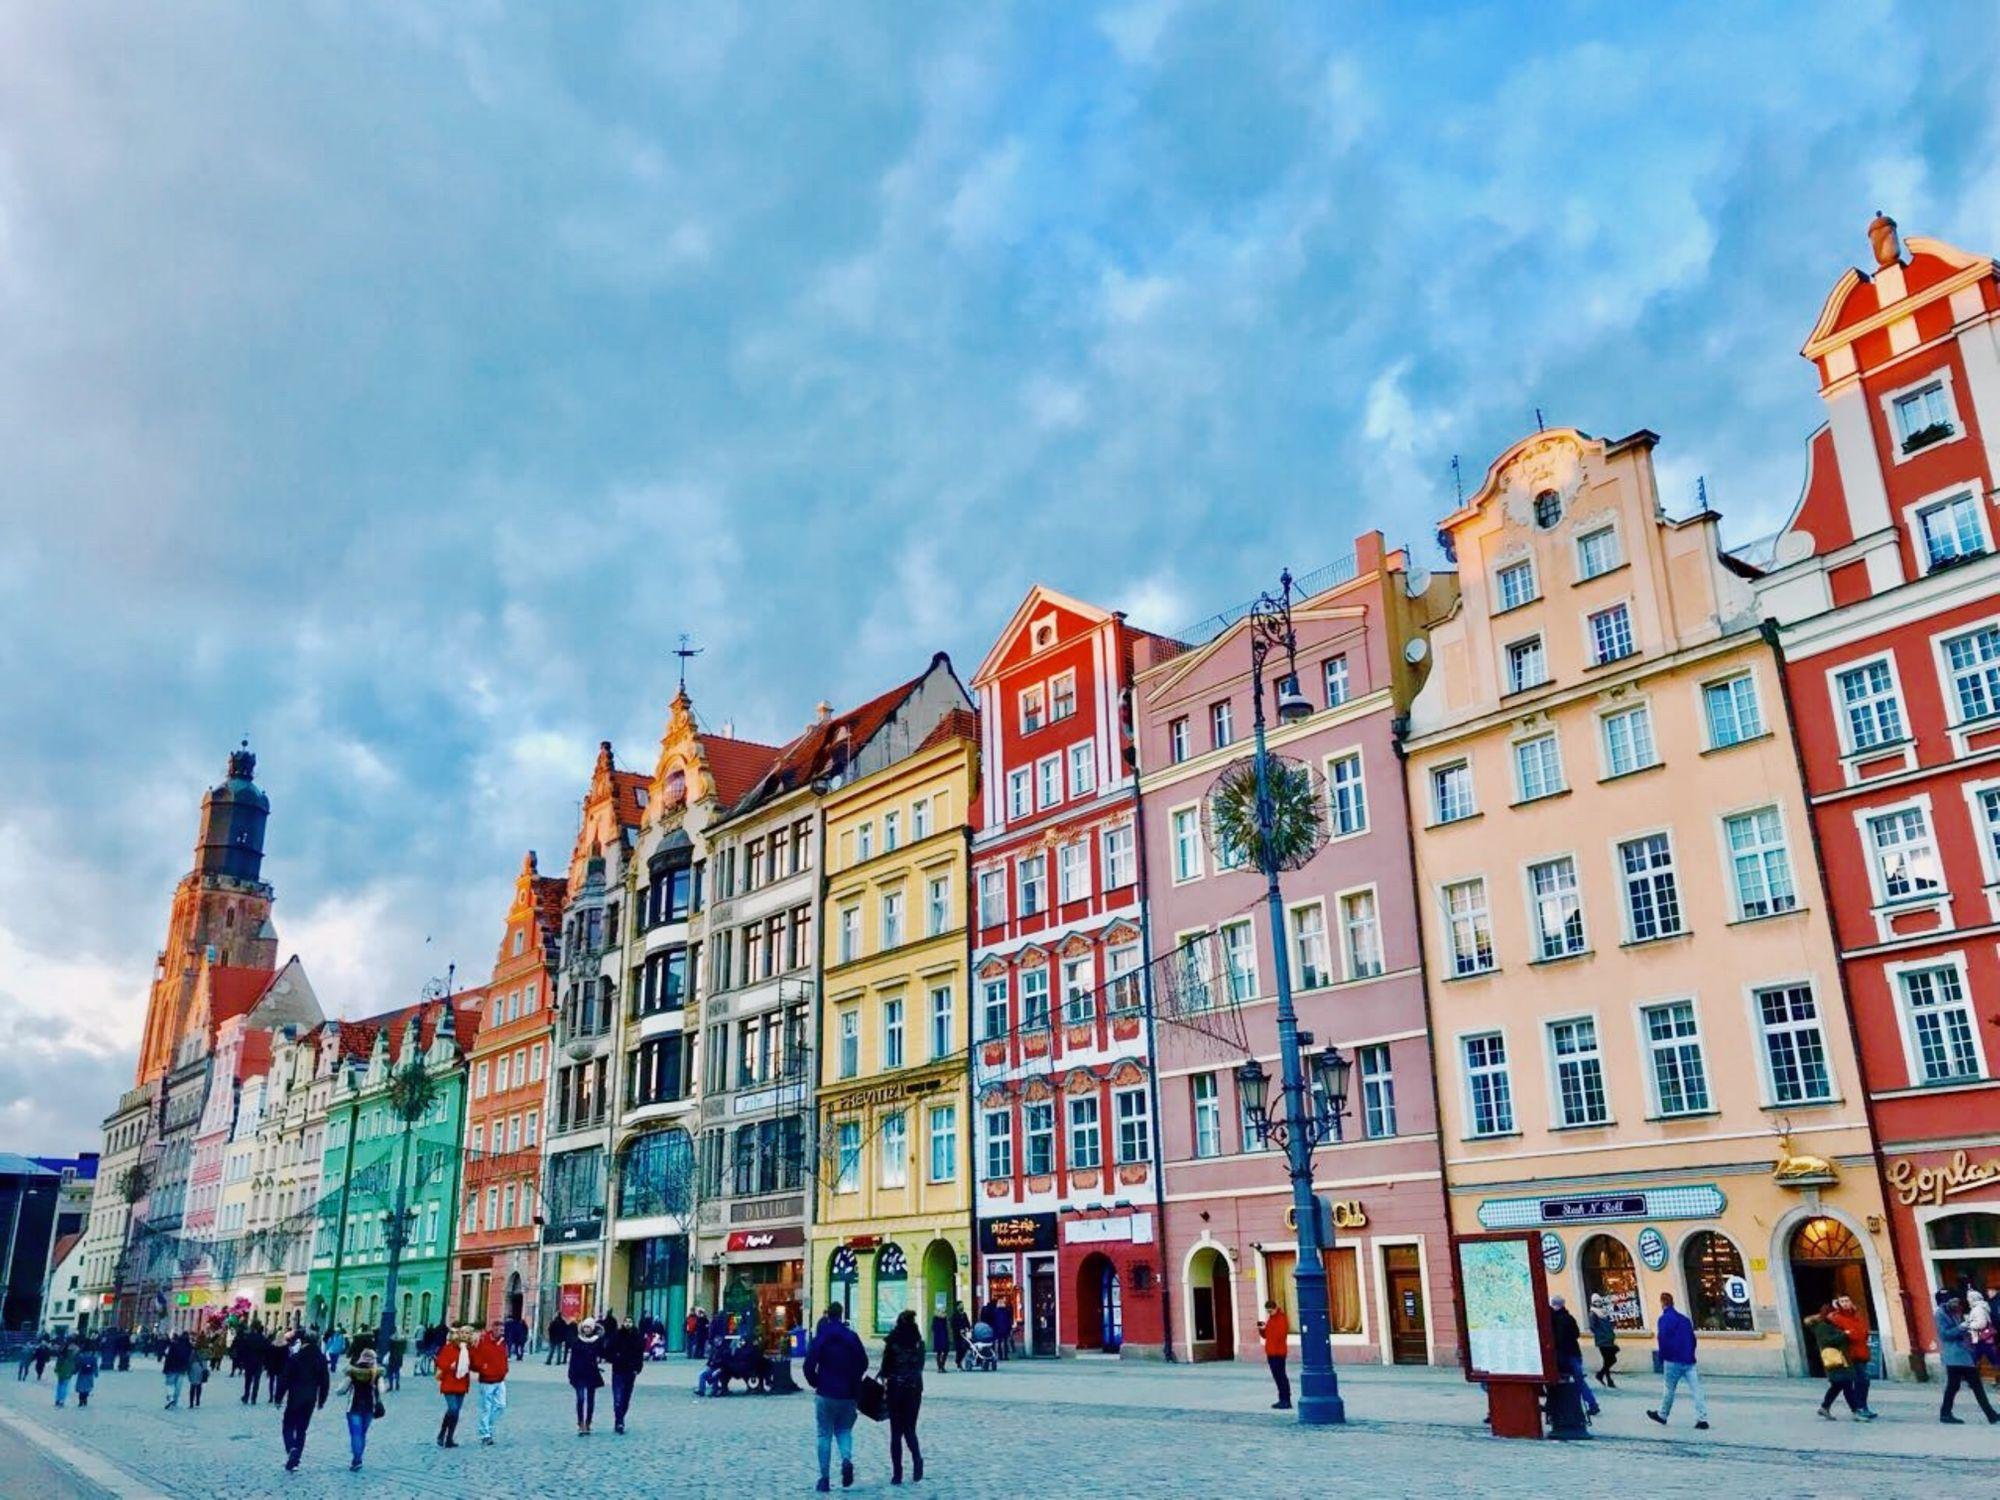 gens marchant sur le trottoir devant des maisons colorées dans la ville de Wroclaw en Pologne